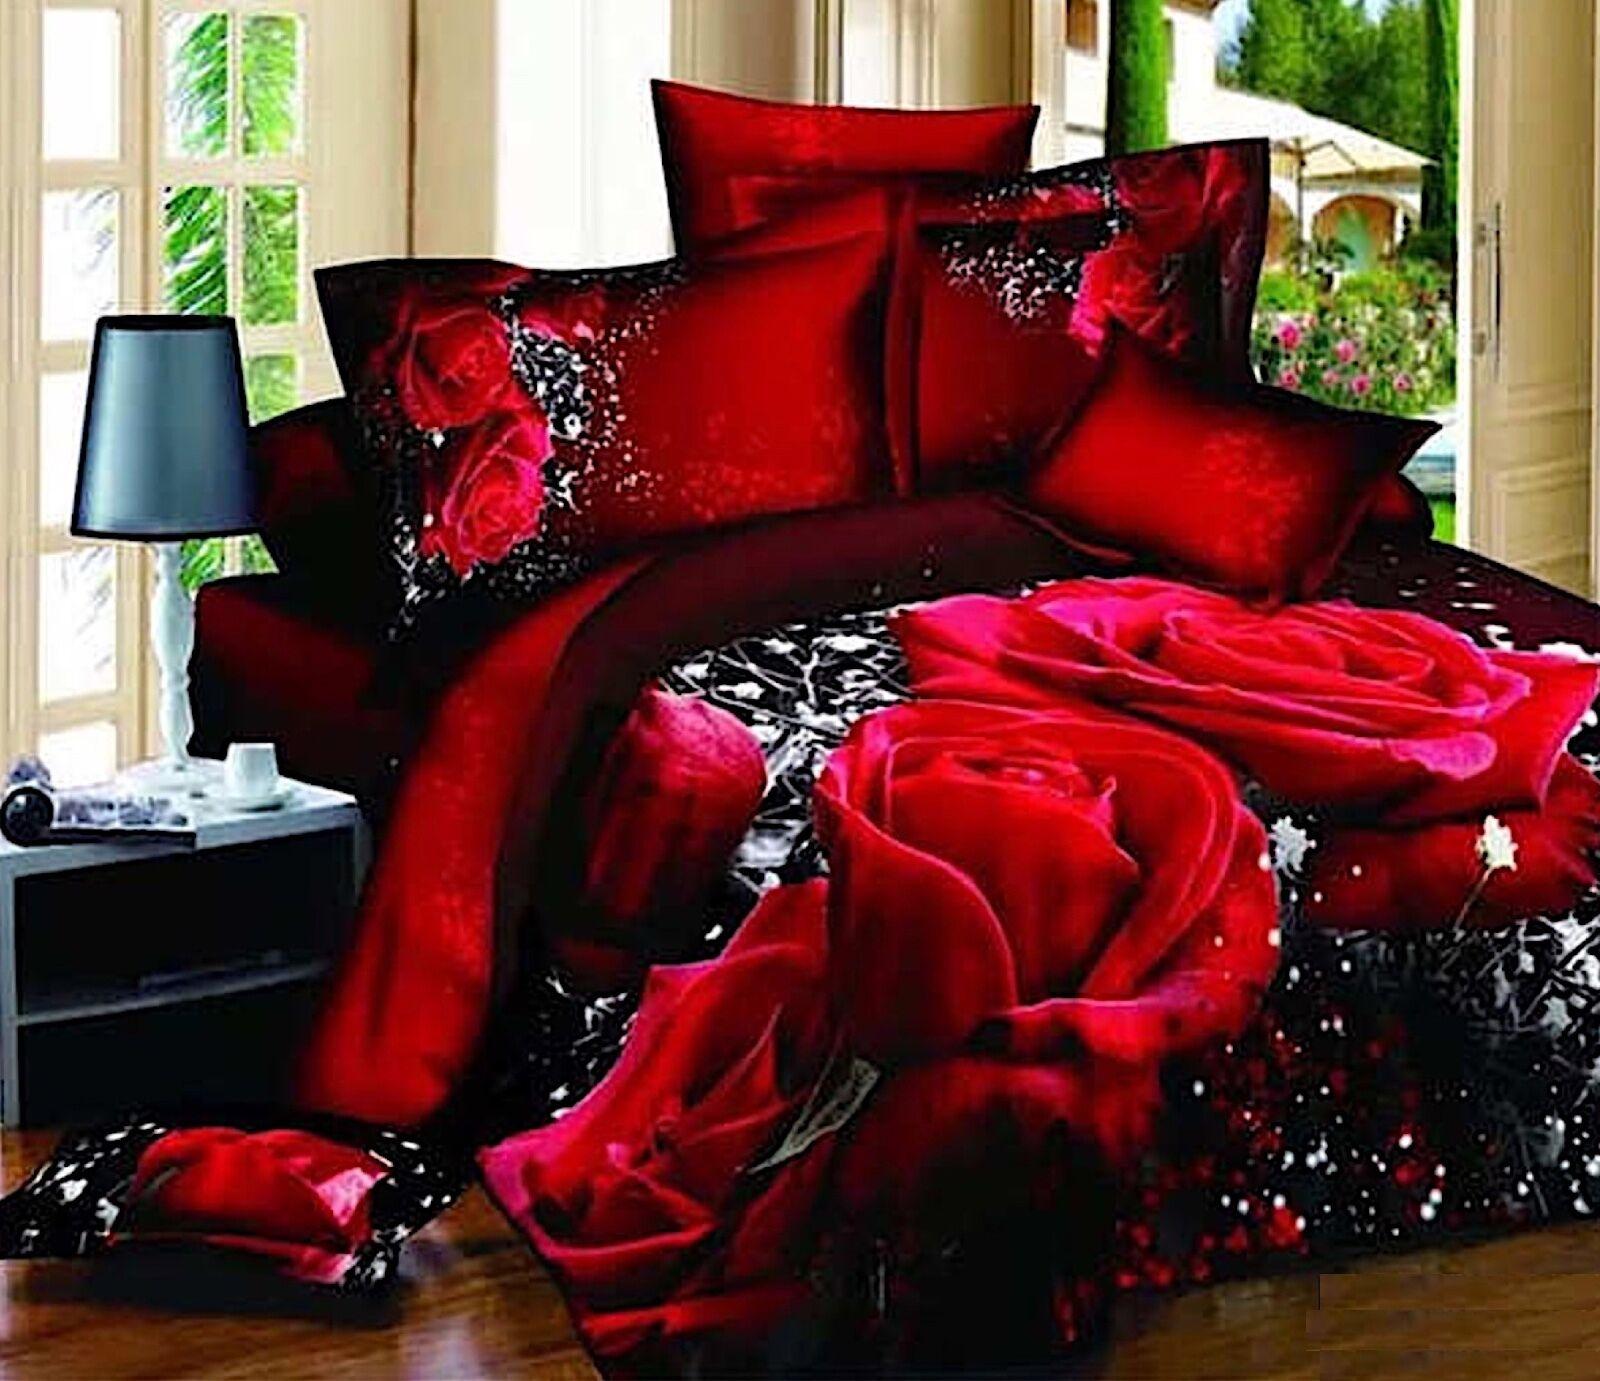 Set Letto Copri Piumone Lenzuolo Federe Copripiumone Duvet Cover Bed BED0041 P